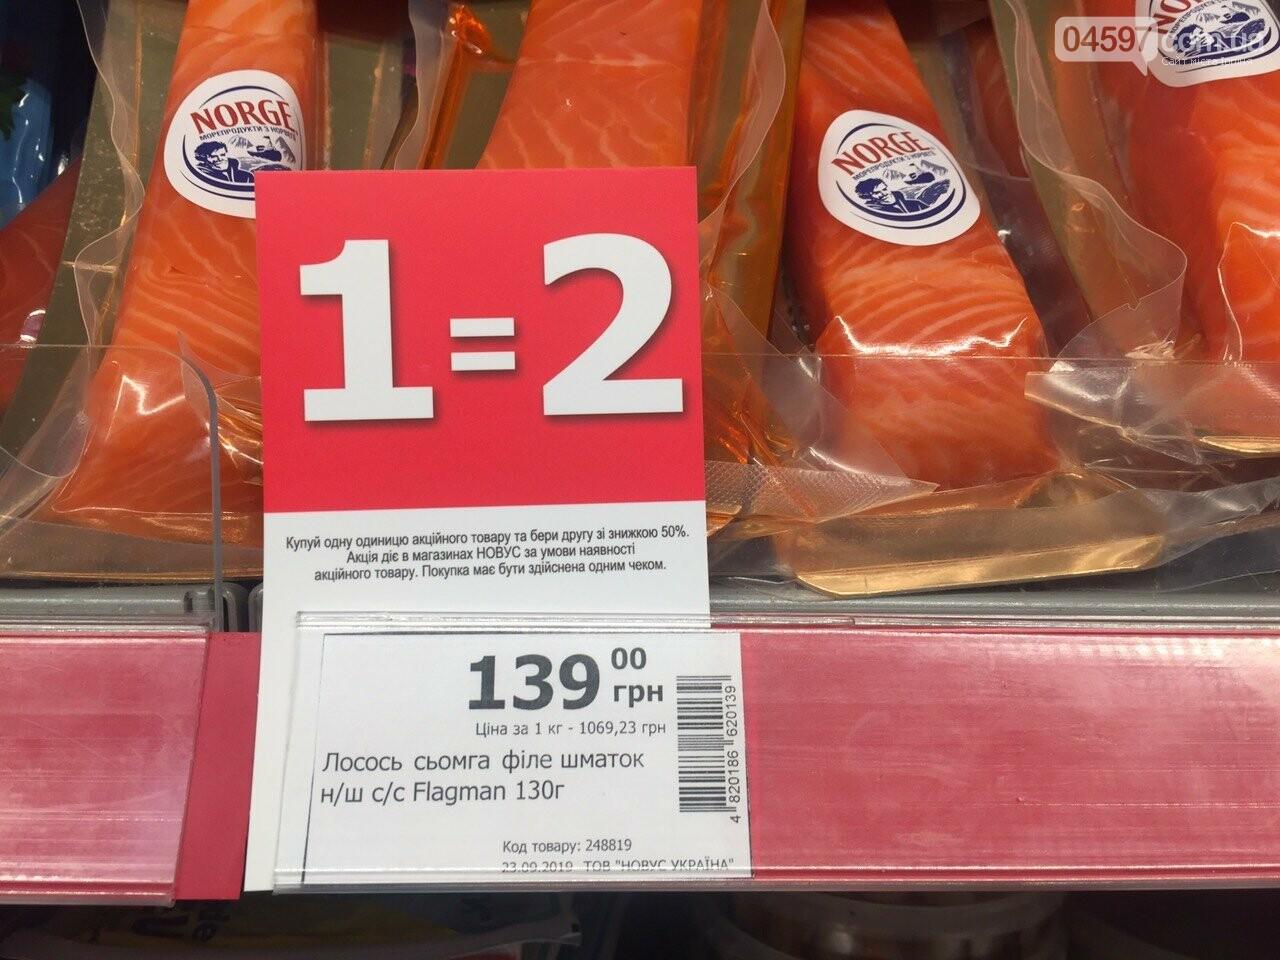 Мережі Novus - 10 років: у супермаркеті море знижок, фото-1